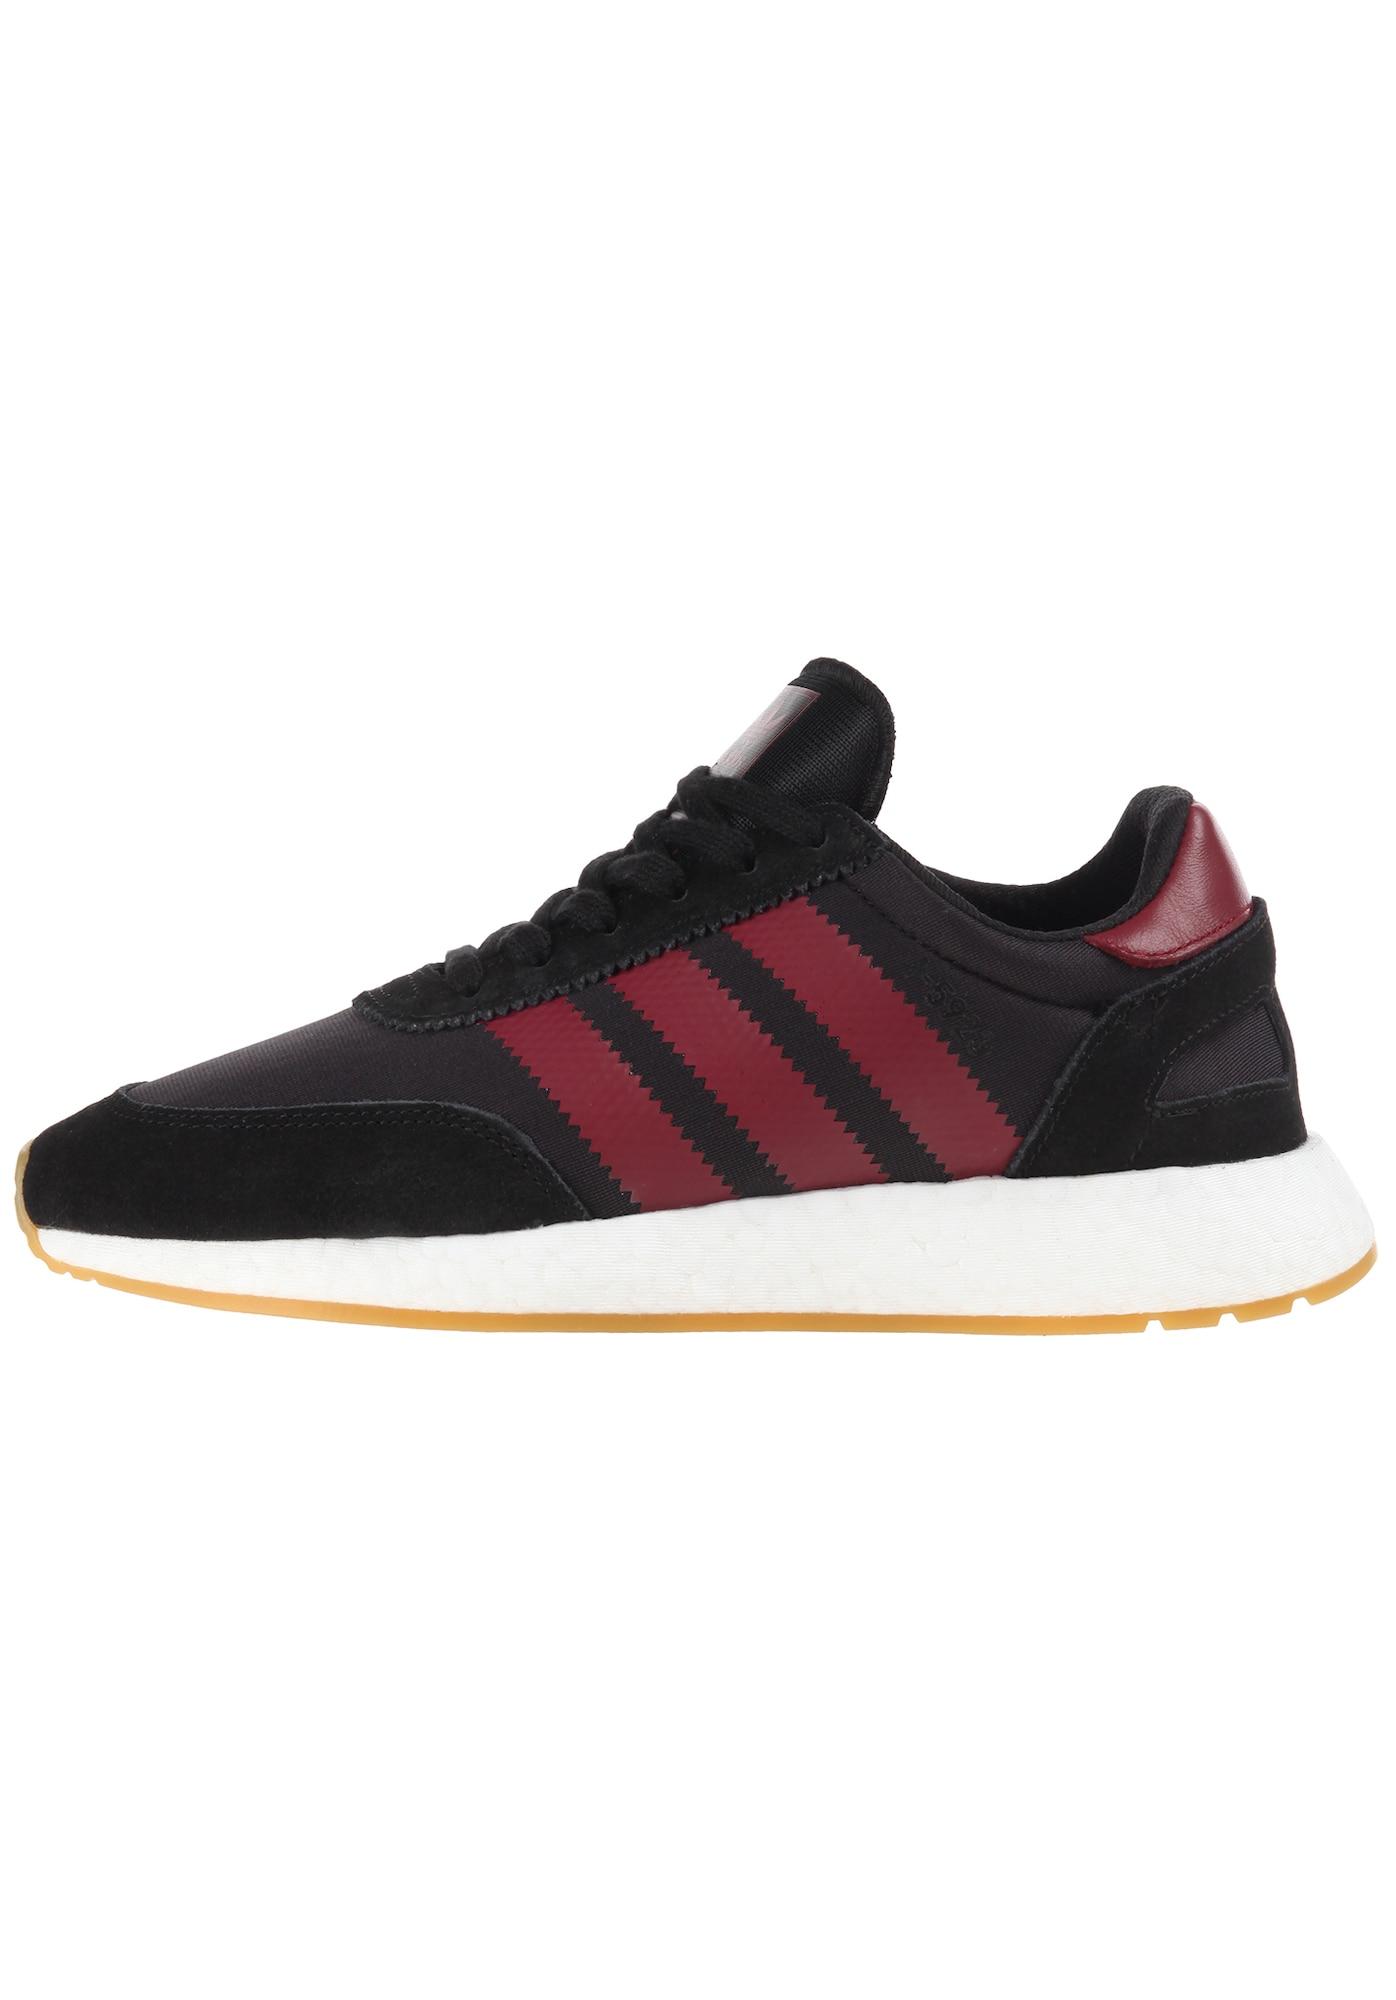 ADIDAS ORIGINALS, Heren Sneakers laag 'I-5923', bourgogne / zwart / wit